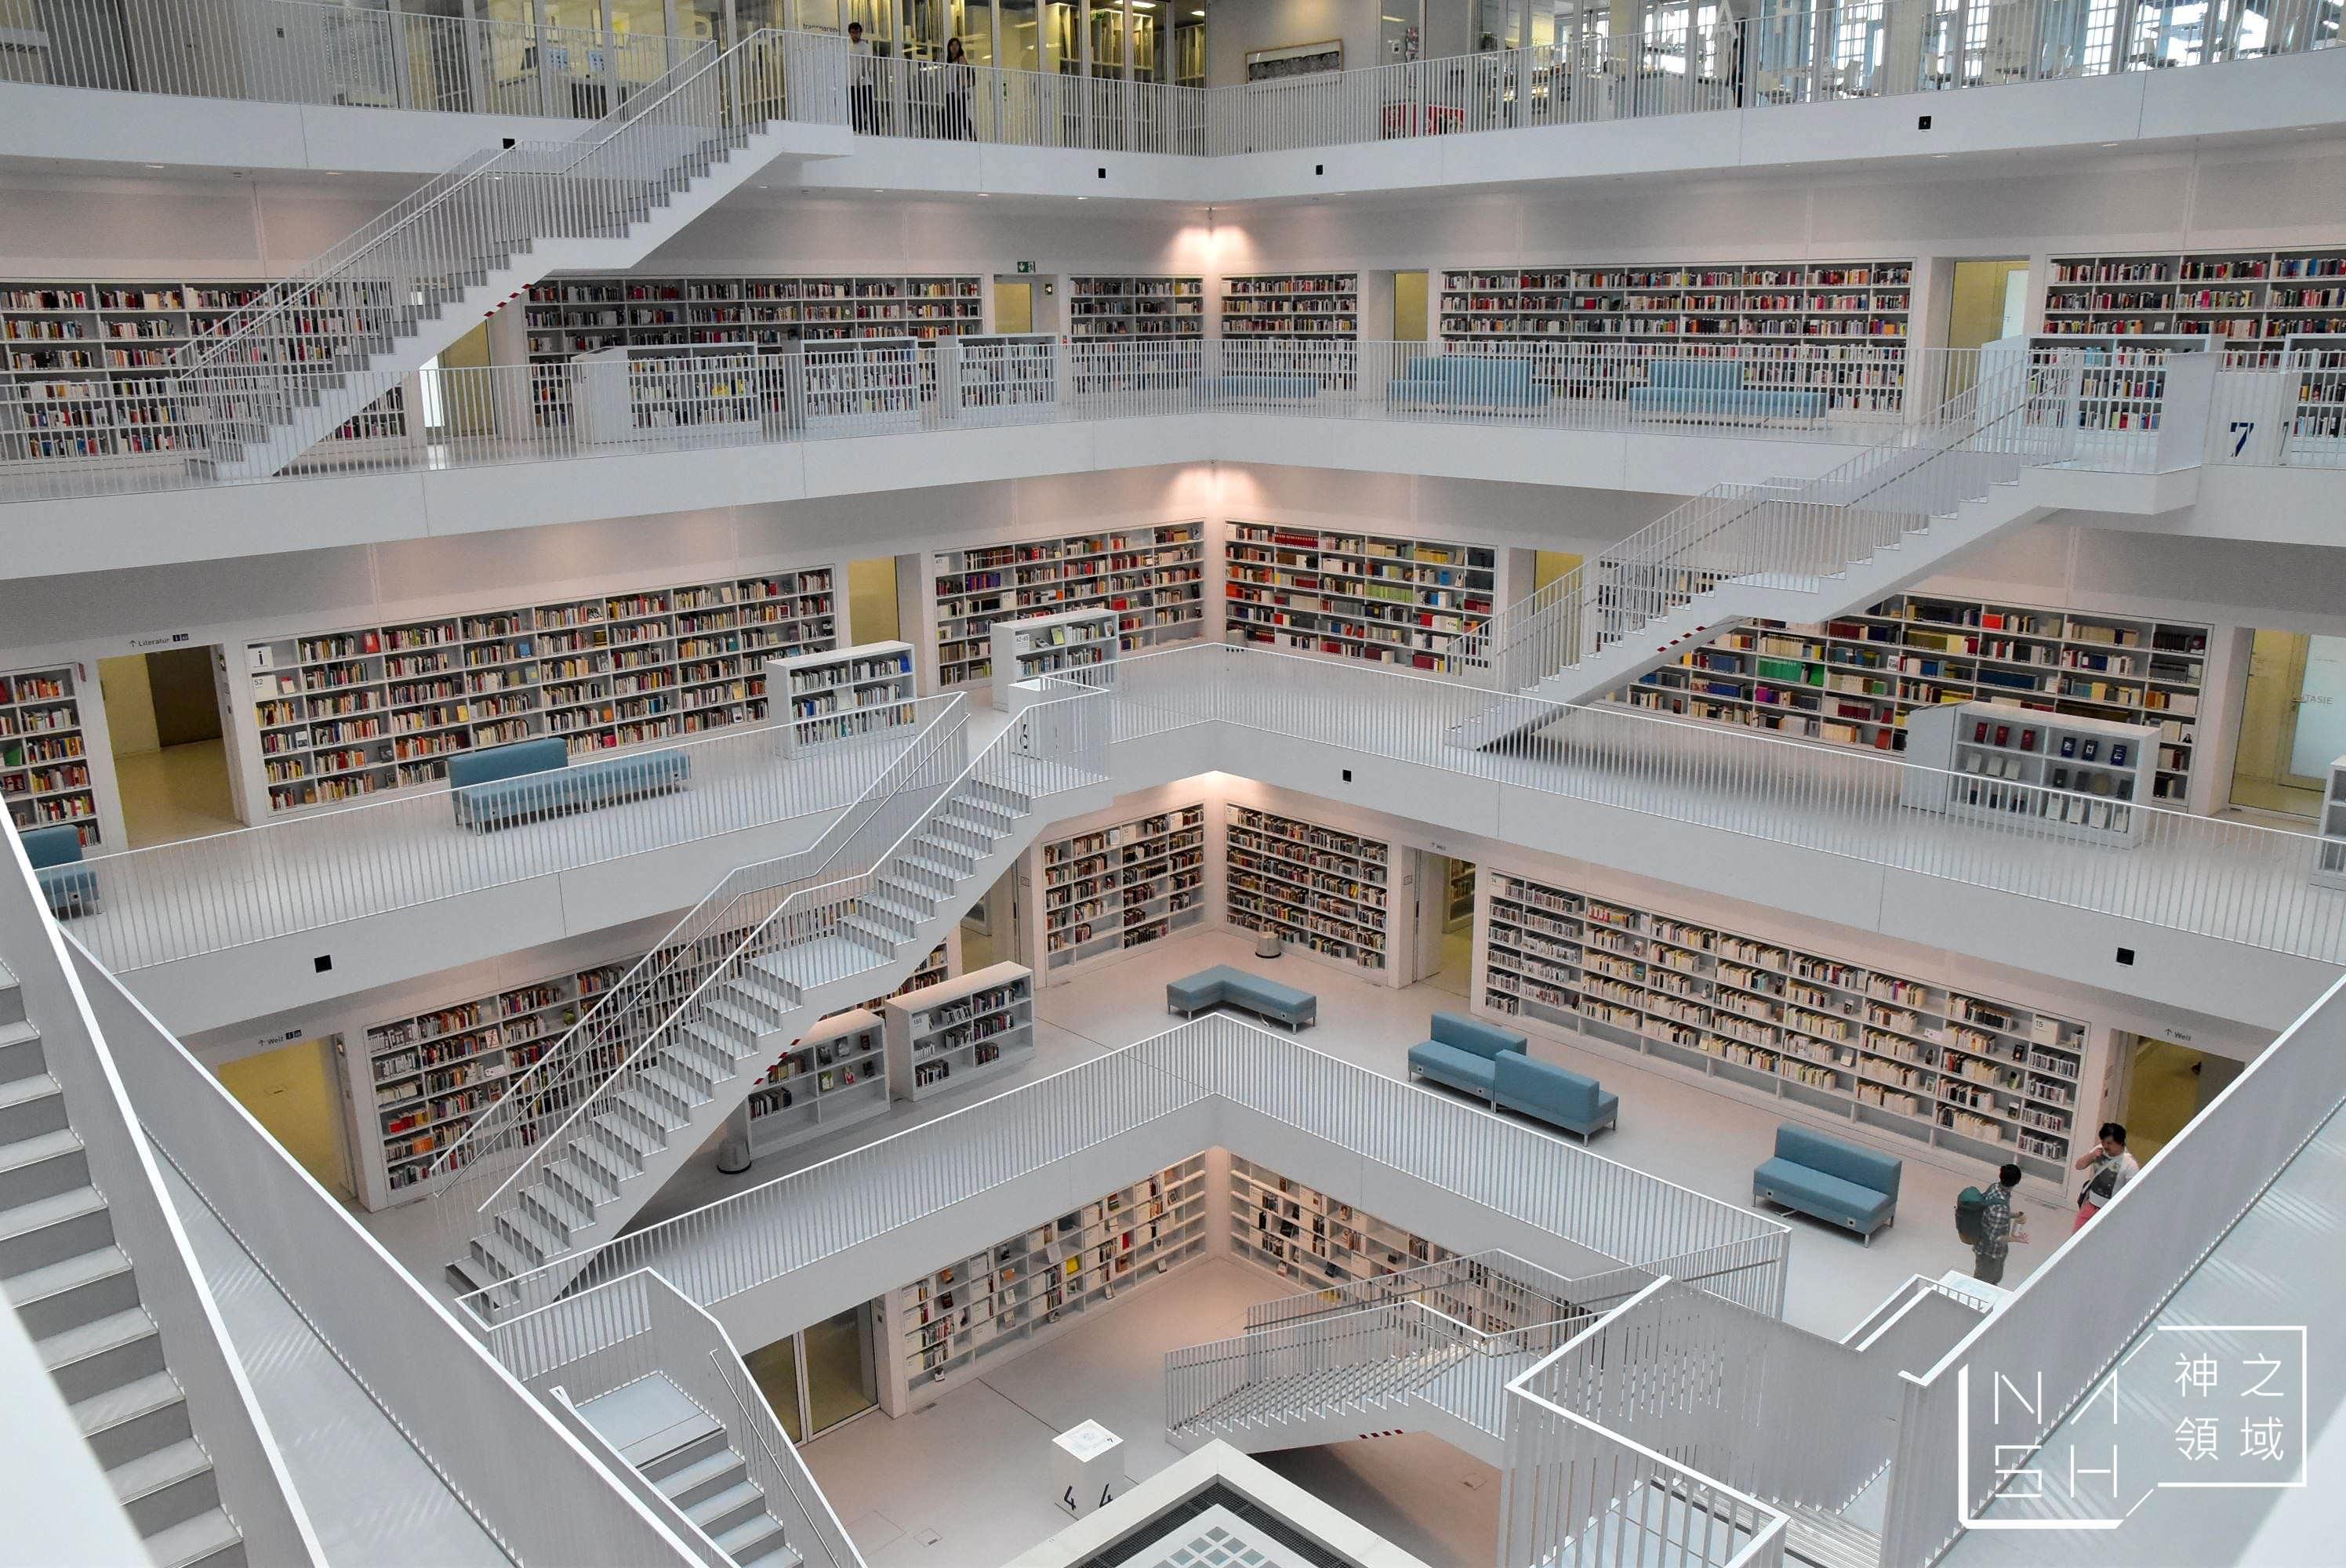 德國斯圖加特景點,德國斯圖加特景點推薦,德國斯圖加特圖書館,斯圖加特市立圖書館,斯圖加特圖書館 @Nash,神之領域